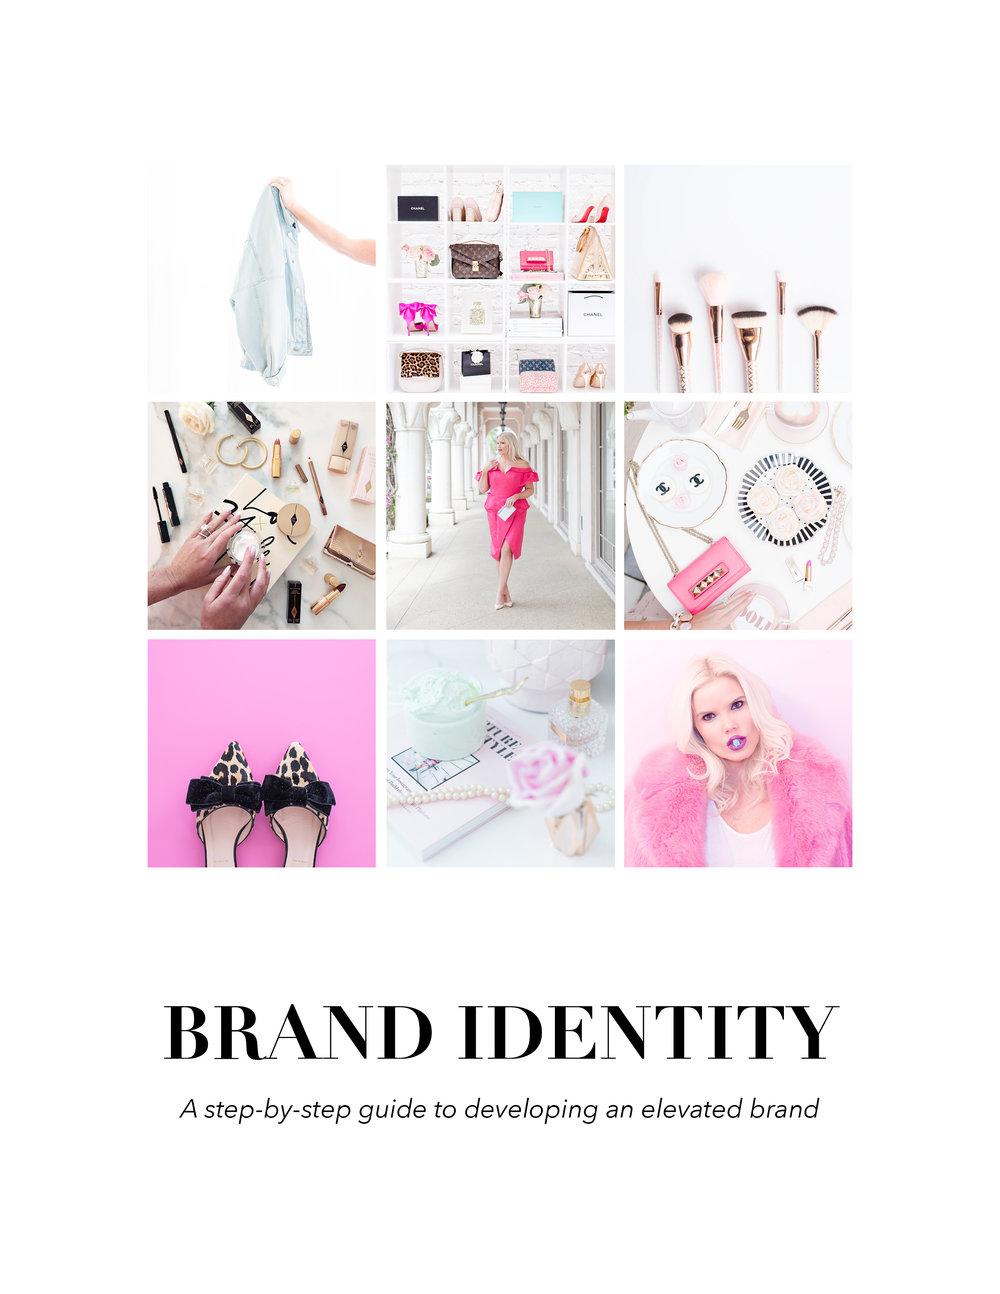 BRAND-IDENTITY-GUIDE-2019.jpg